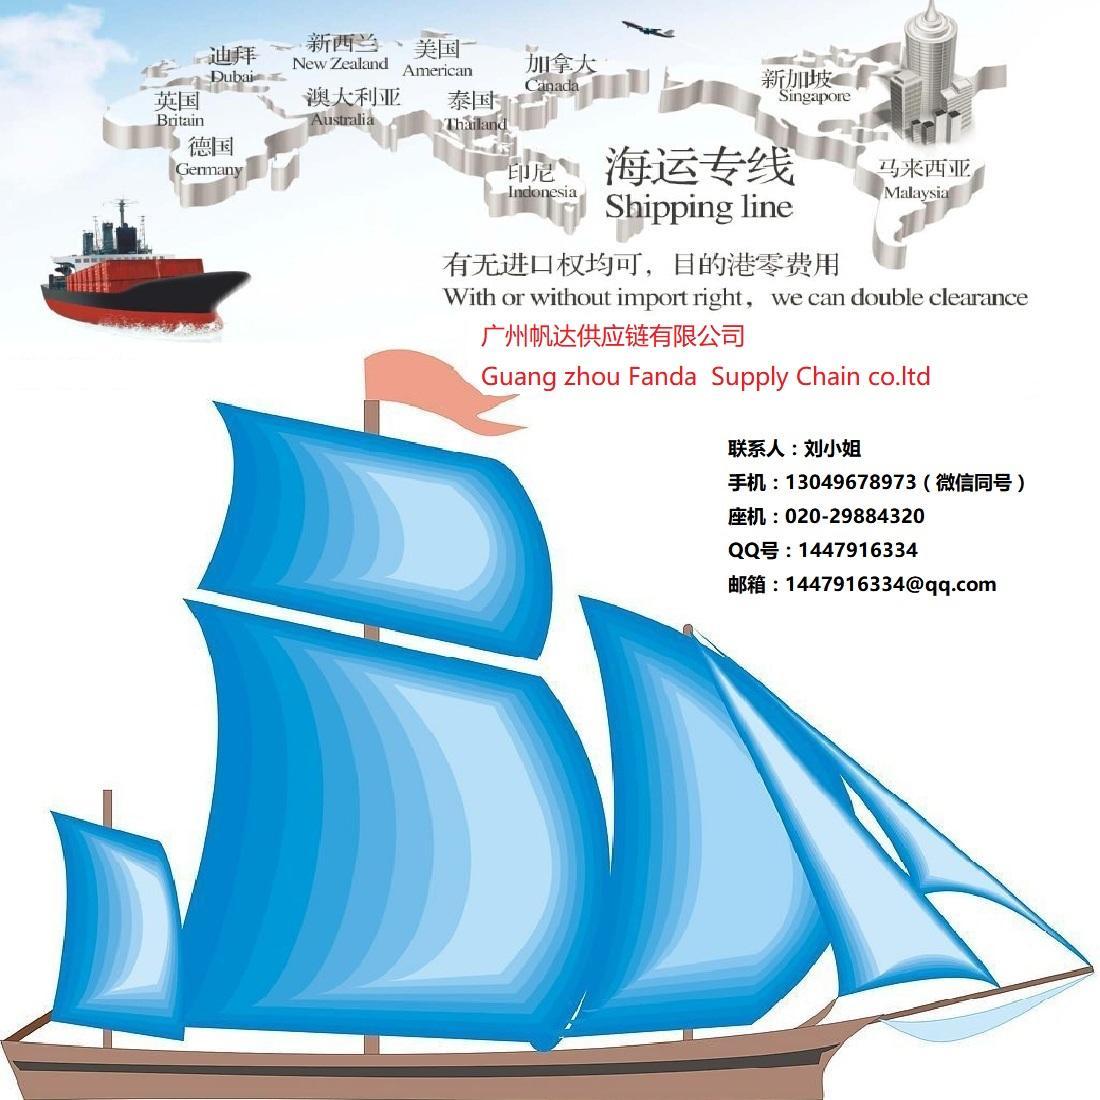 廣州到新加坡海運物流網購代購集運門到門專線 1